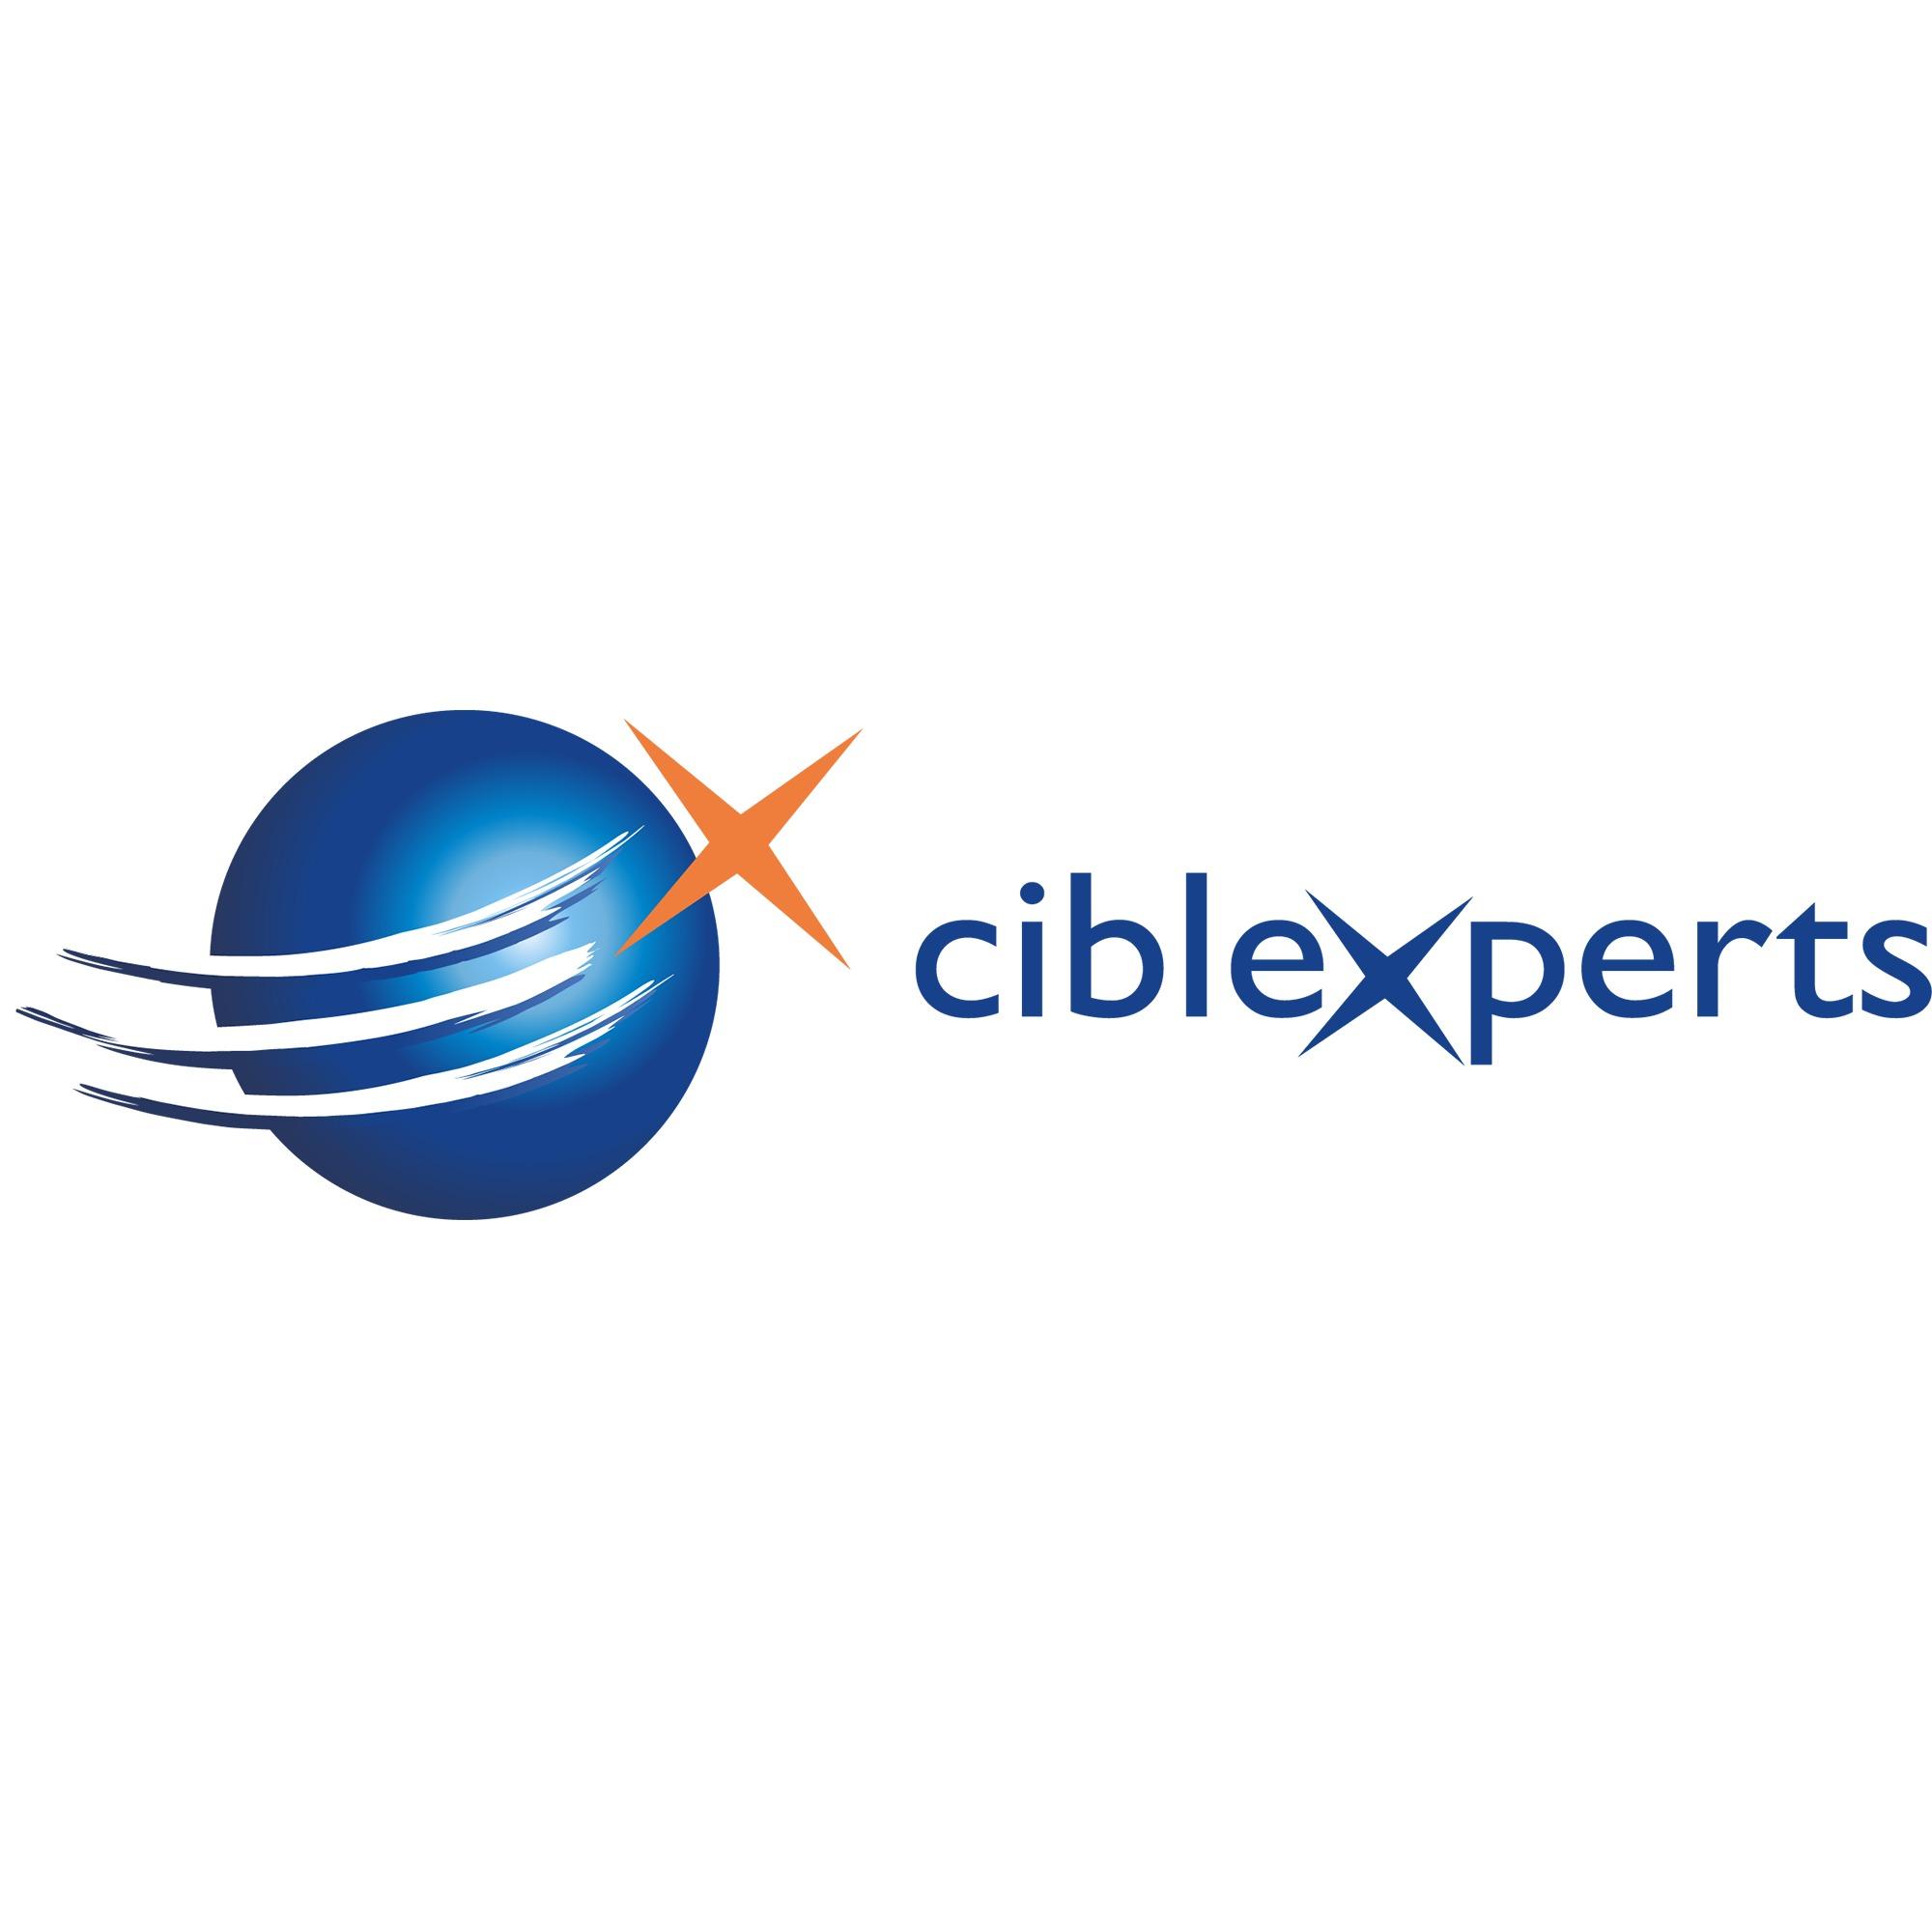 the Ciblexperts logo.